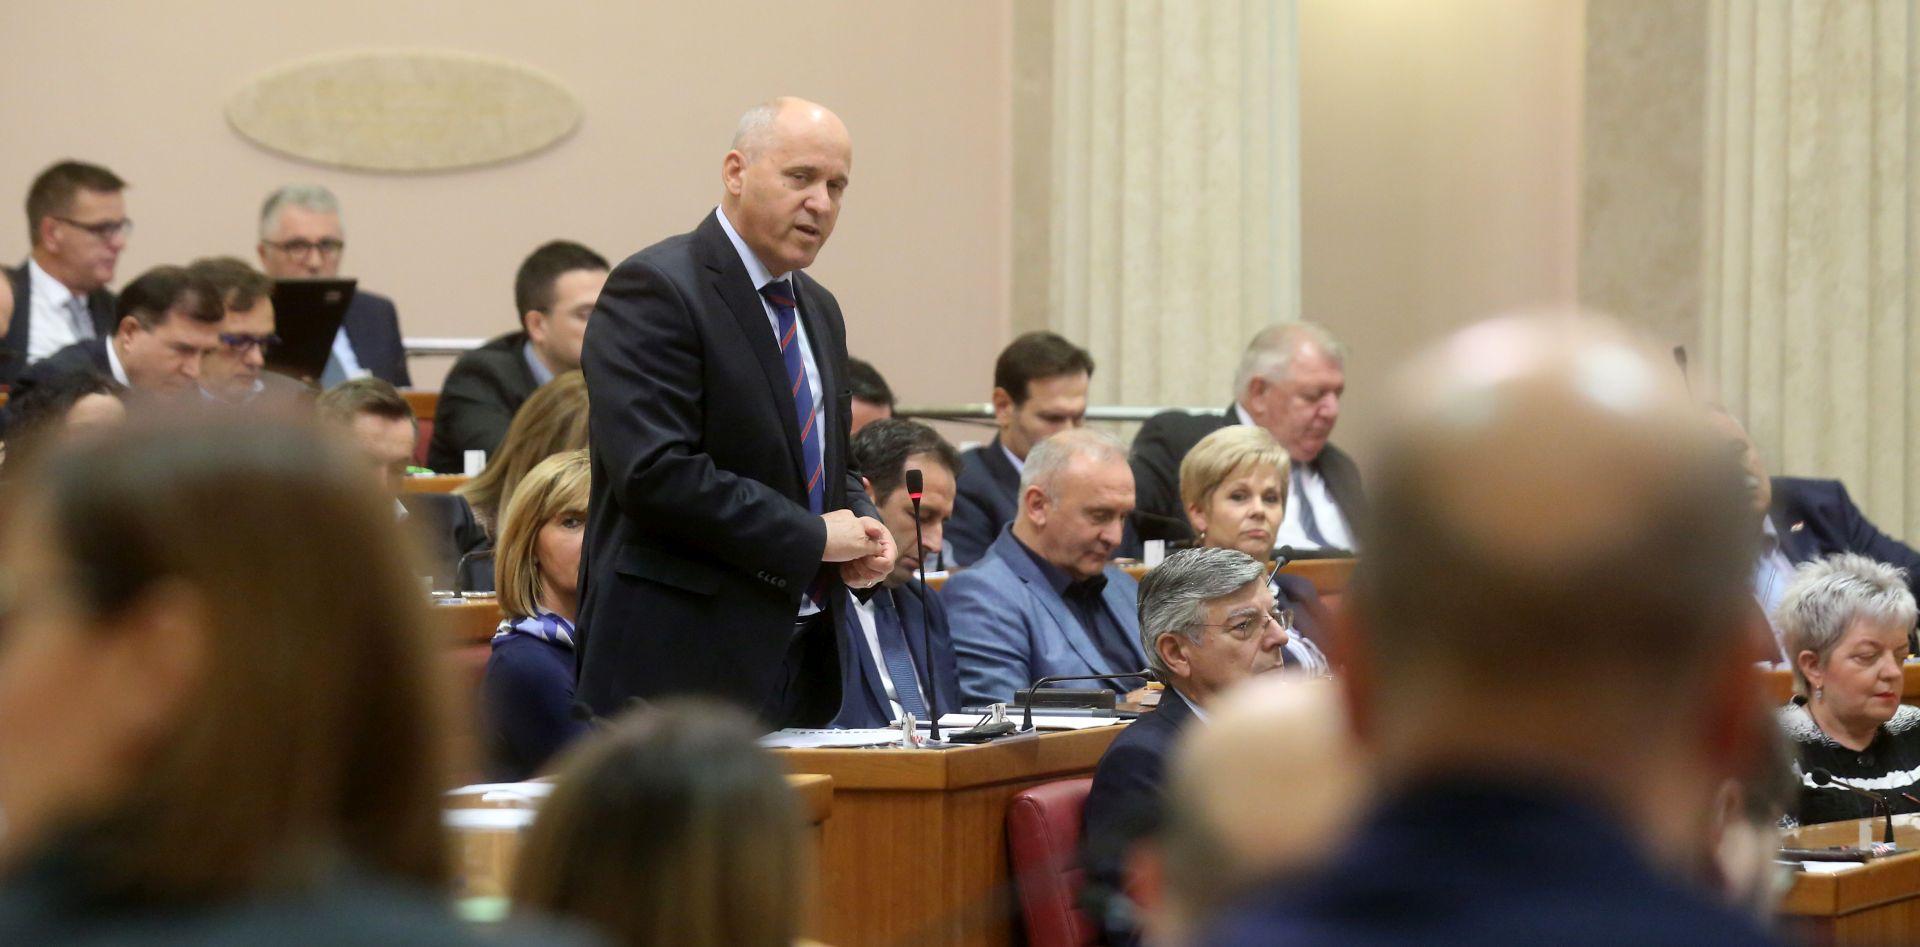 Sabor odbio osnivanje istražnog povjerenstva za Agrokor